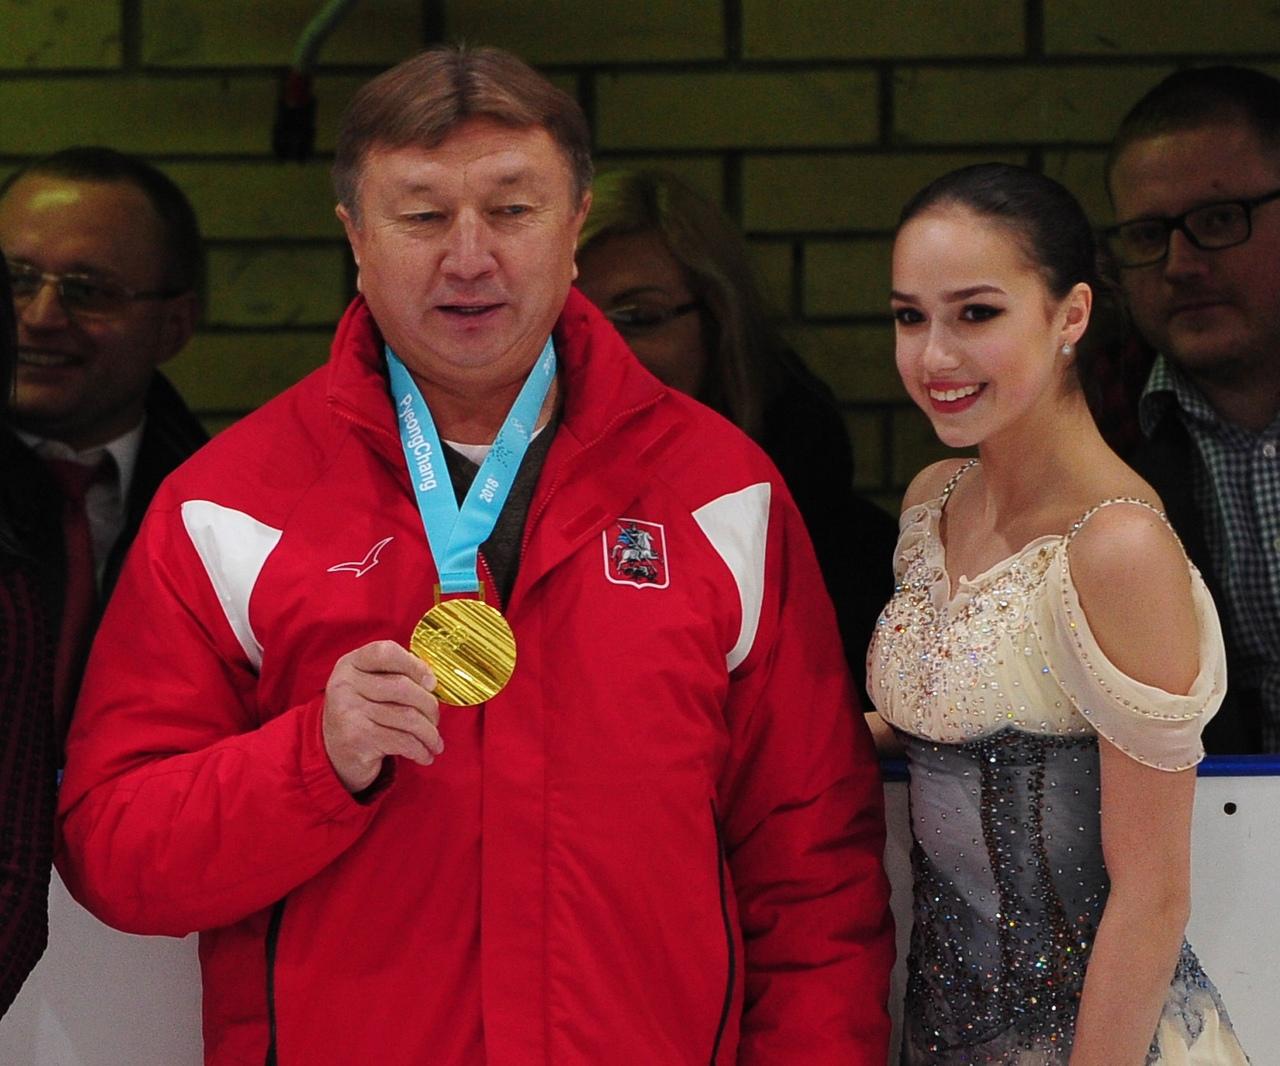 Алина Ильназовна Загитова-2 | Олимпийская чемпионка - Страница 5 55FvcBOnUlE